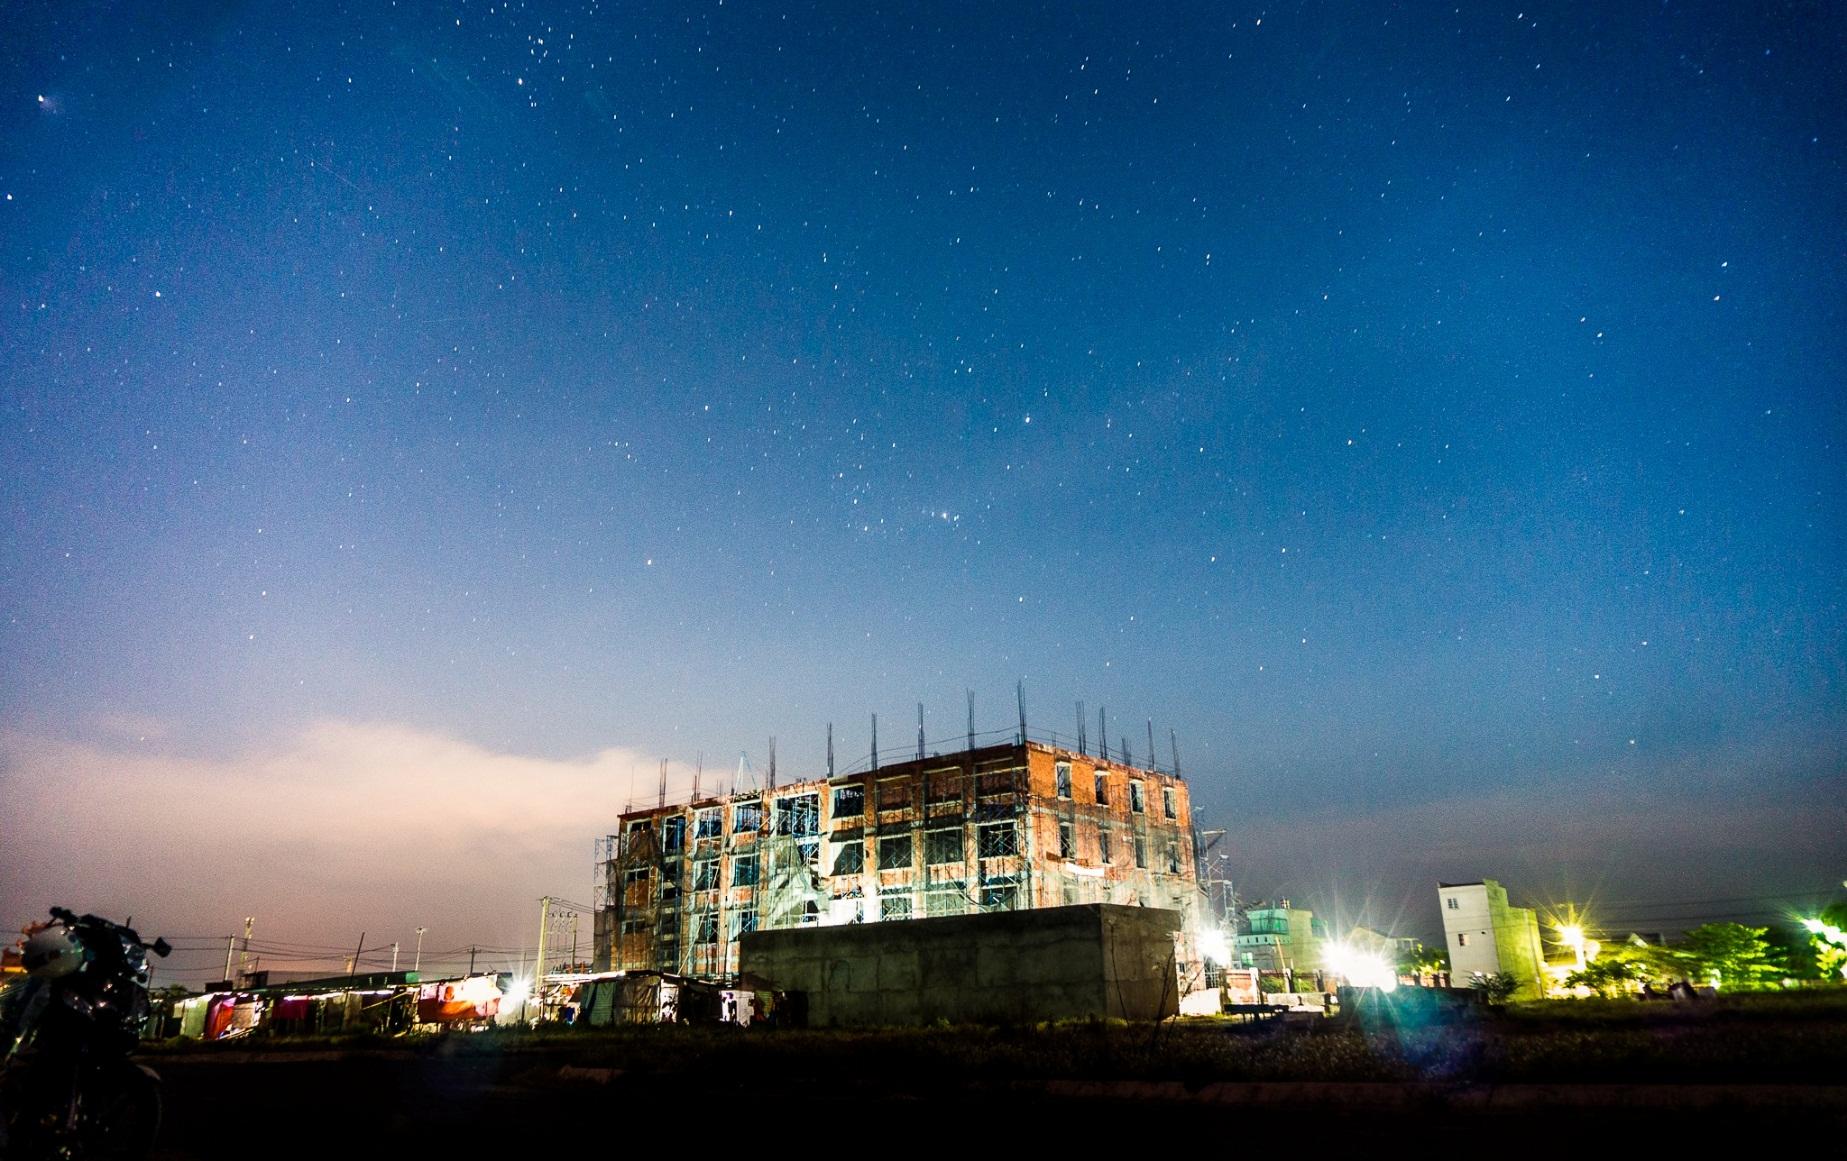 Hướng dẫn kỹ thuật chụp Star Trail (Sao chạy) trên máy ảnh Sony